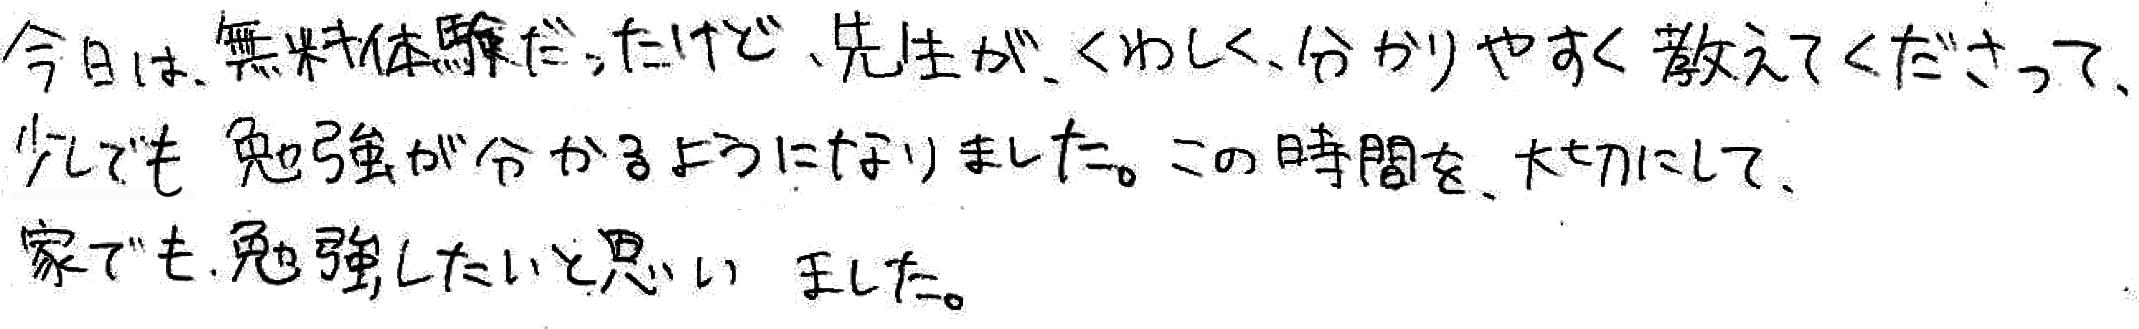 なつきちゃん(小矢部市)からの口コミ